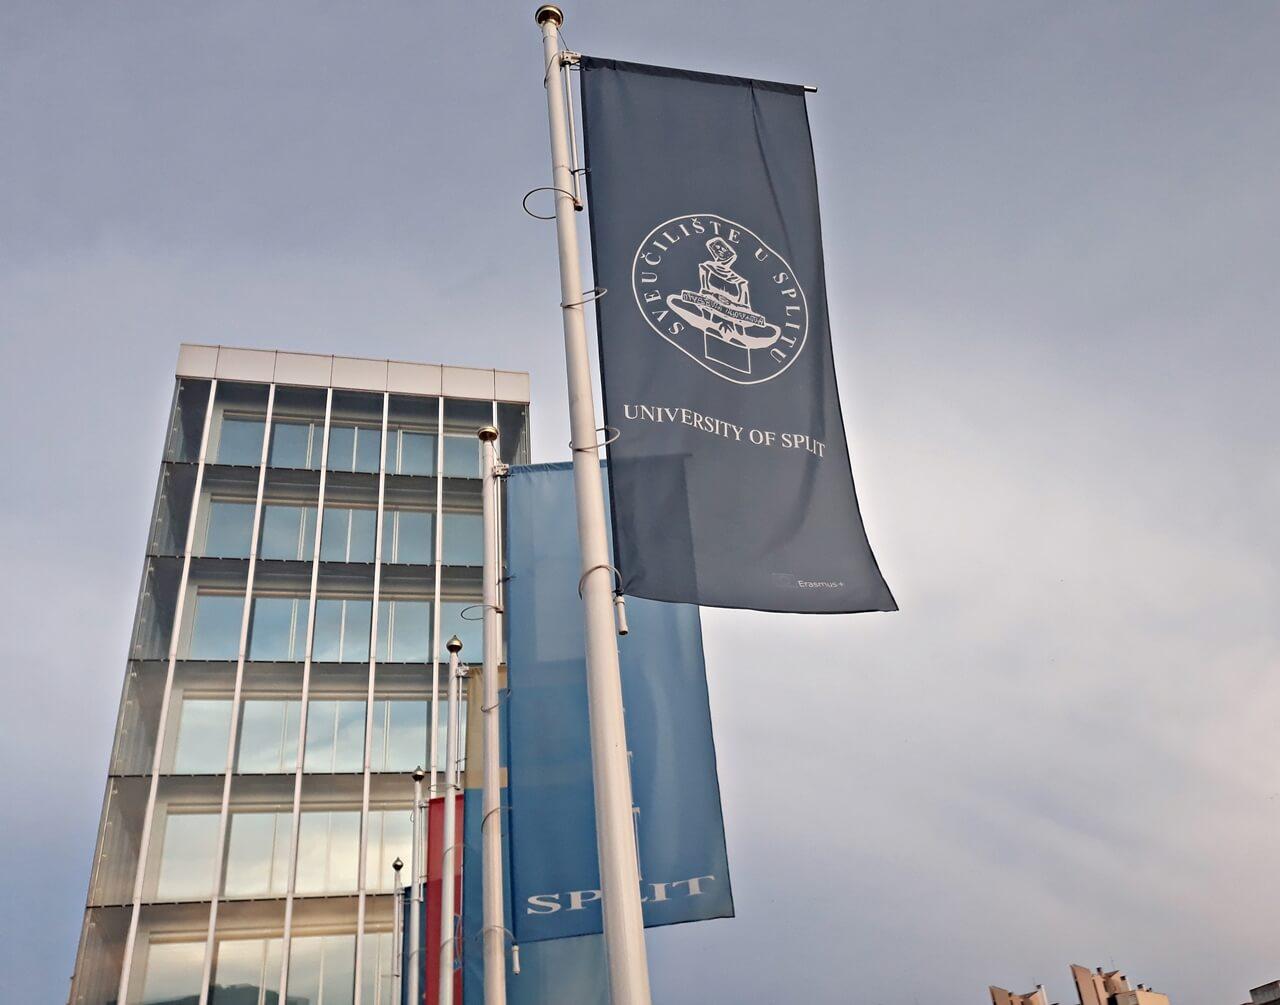 Sveučilište u Splitu LGBT osobama nudilo dodatnih 200 eura za Erasmus, a onda se ipak predomislilo